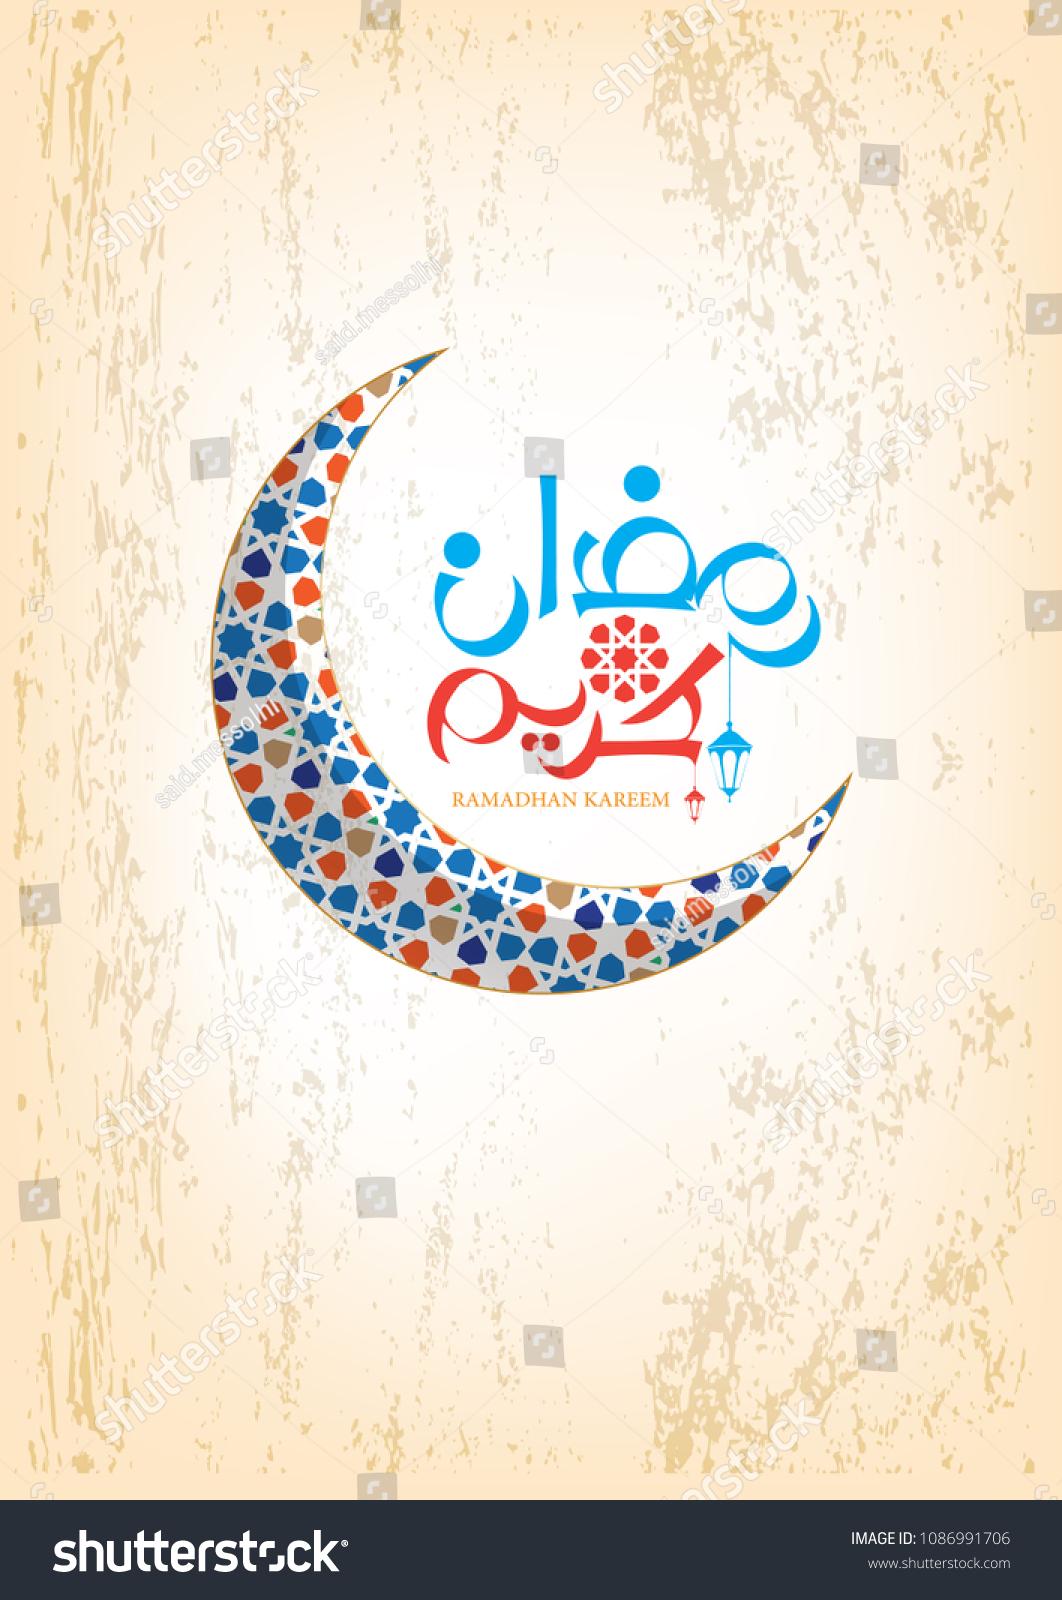 Ramadan Kareem Mubarak Greeting Cards Arabic Stock Vector Royalty